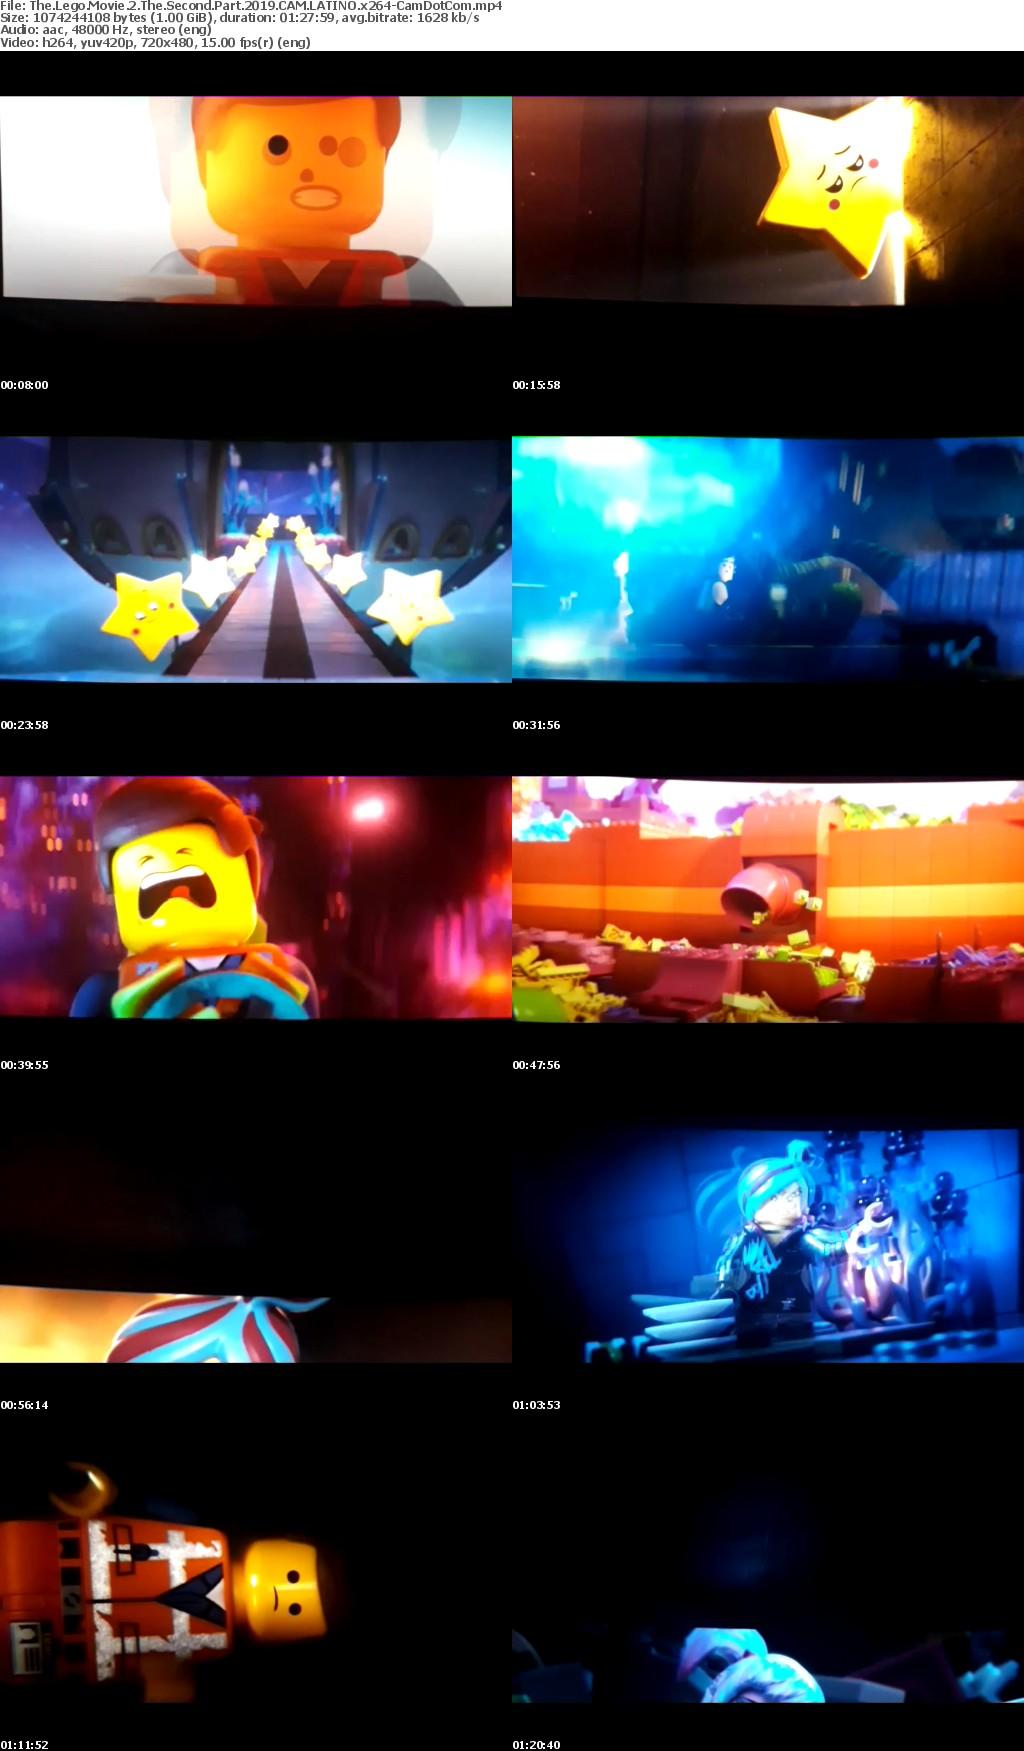 The Lego Movie 2 The Second Part (2019) CAM LATINO x264-CamDotCom